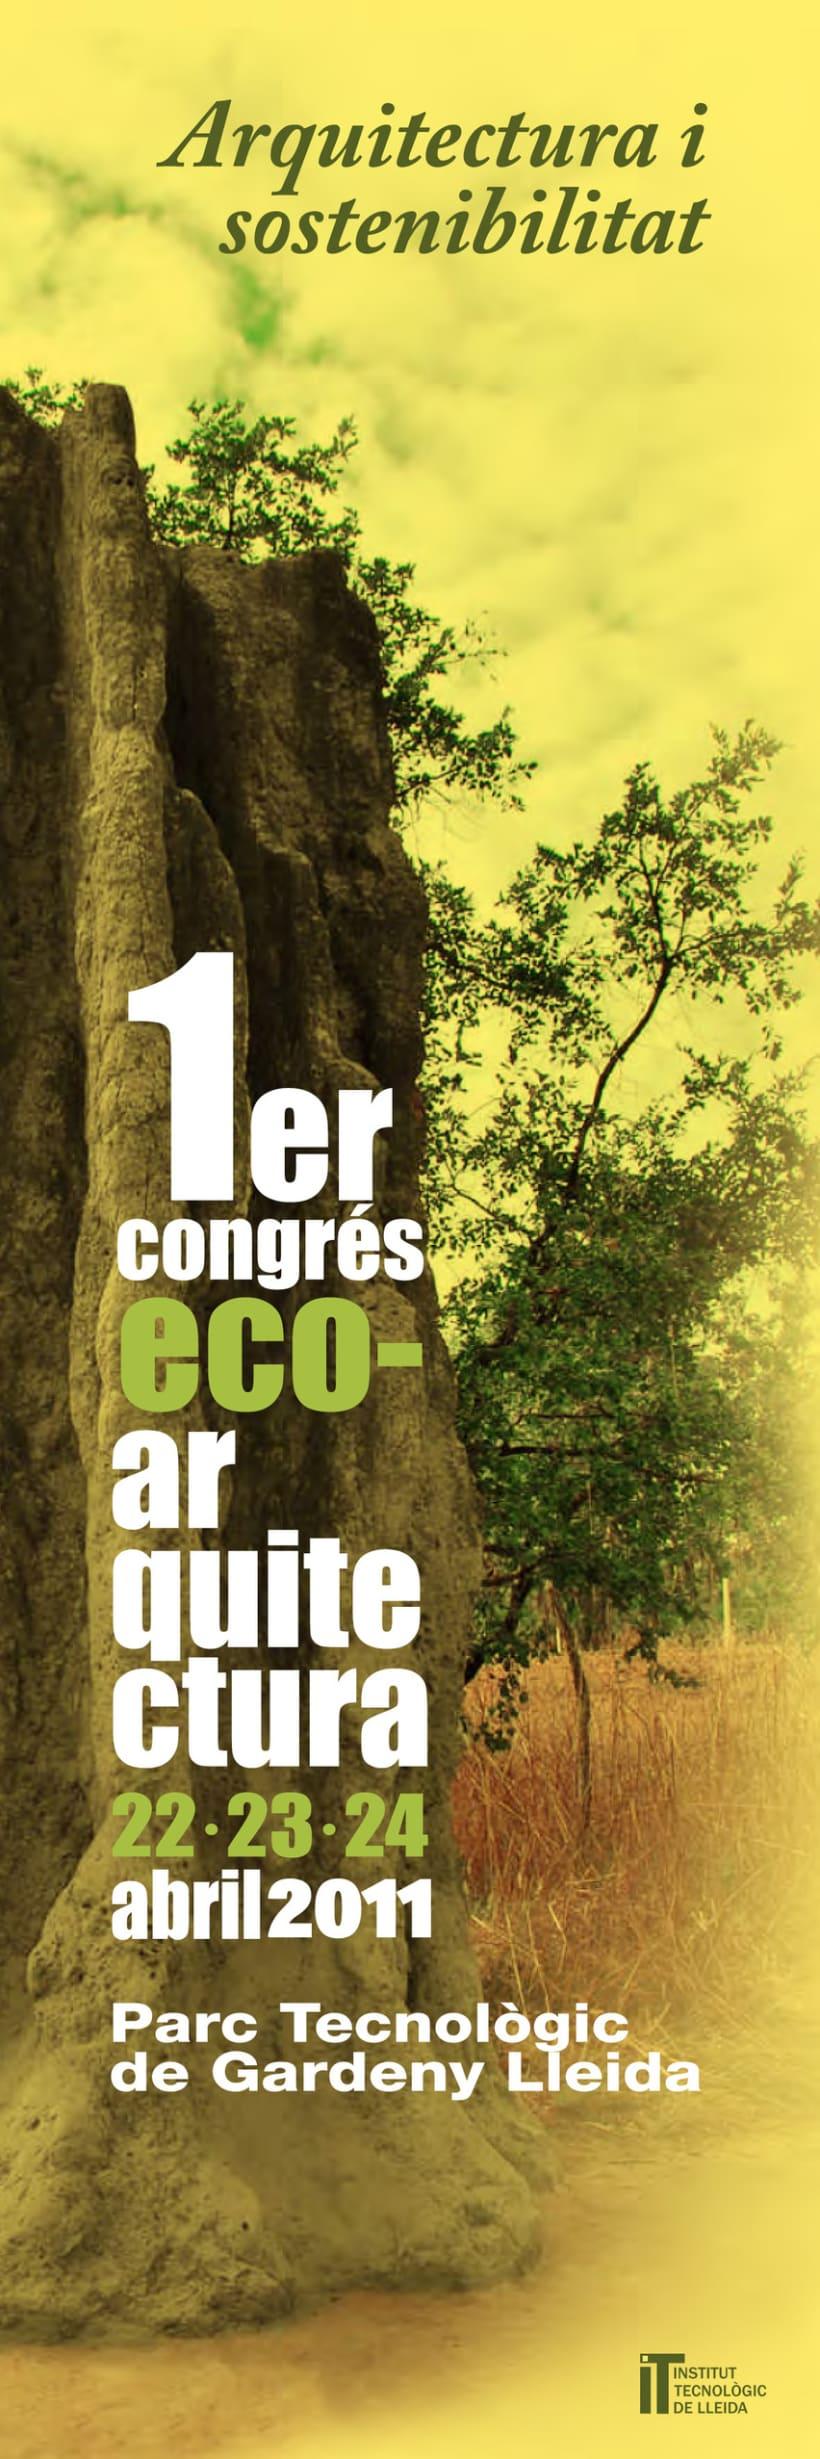 Logo - Congreso Ecoarquitectura 7